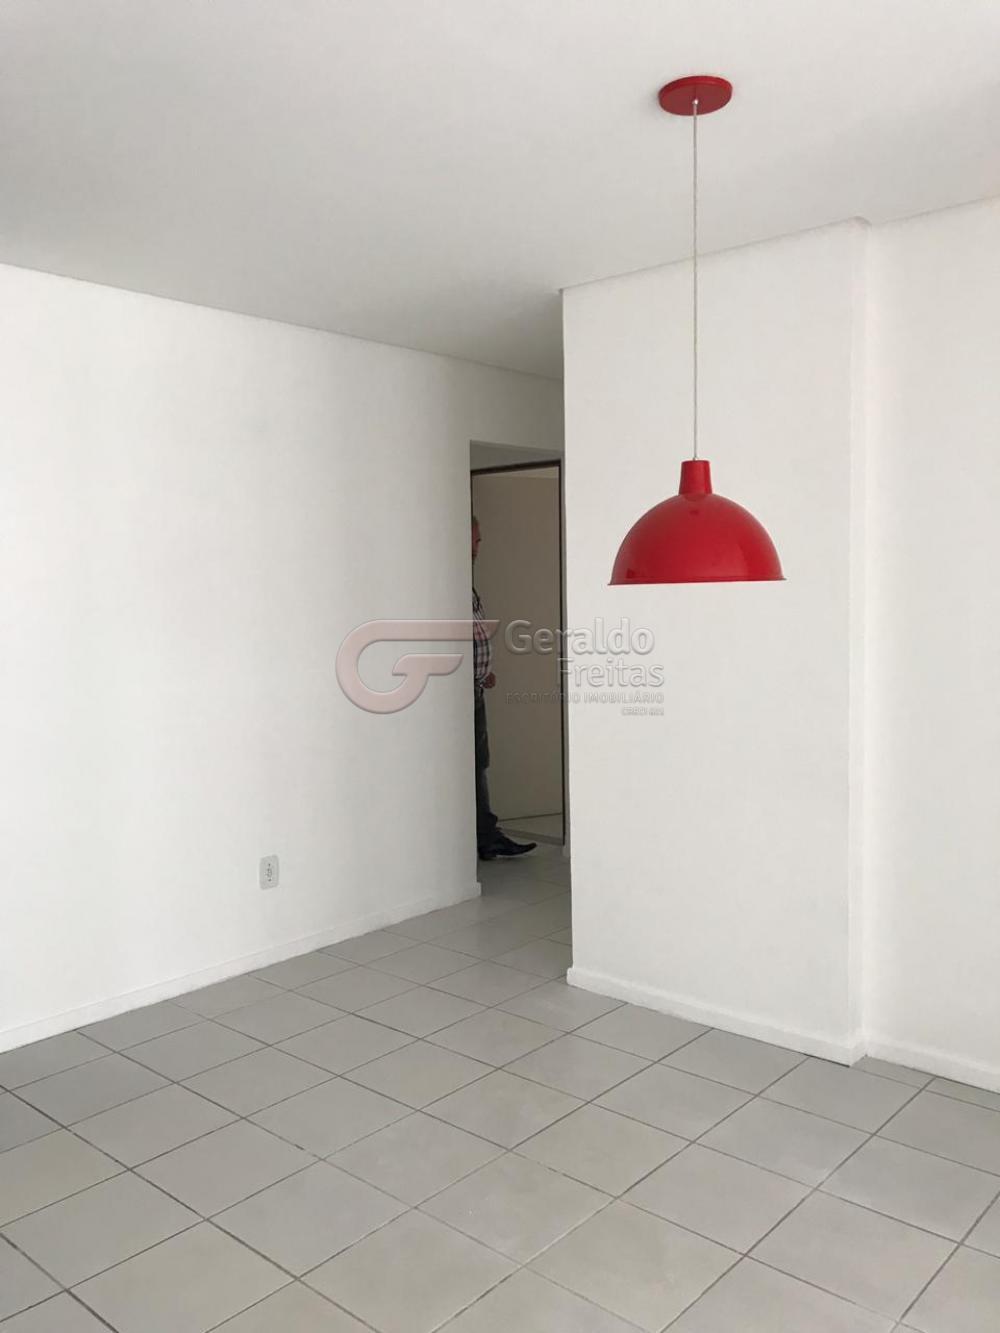 Comprar Apartamentos / Padrão em Maceió apenas R$ 440.000,00 - Foto 5